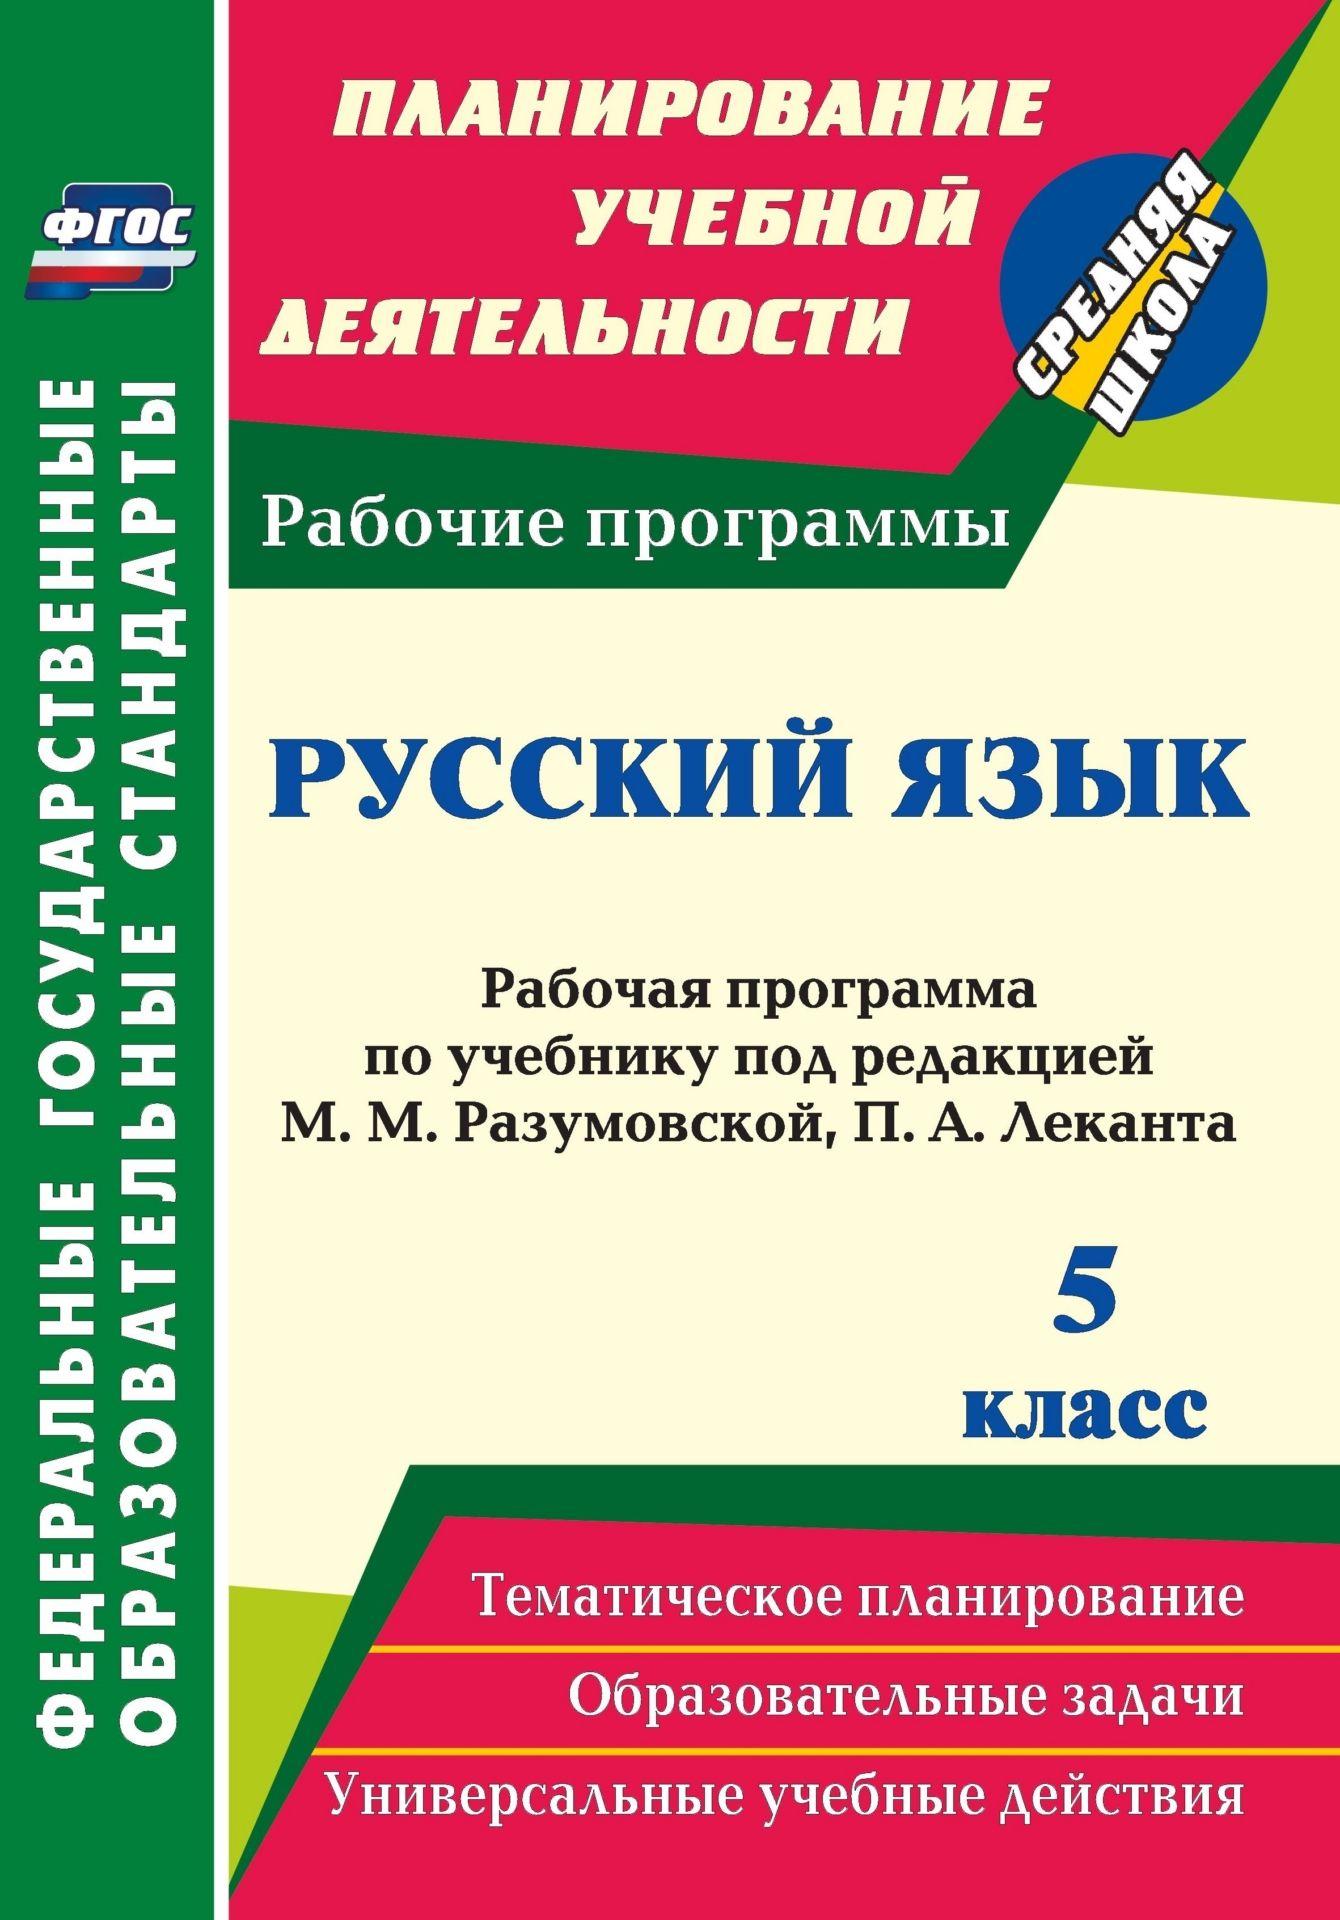 Русский язык. 5 класс: рабочая программа по учебнику под редакцией М. Разумовской, П. А. Леканта